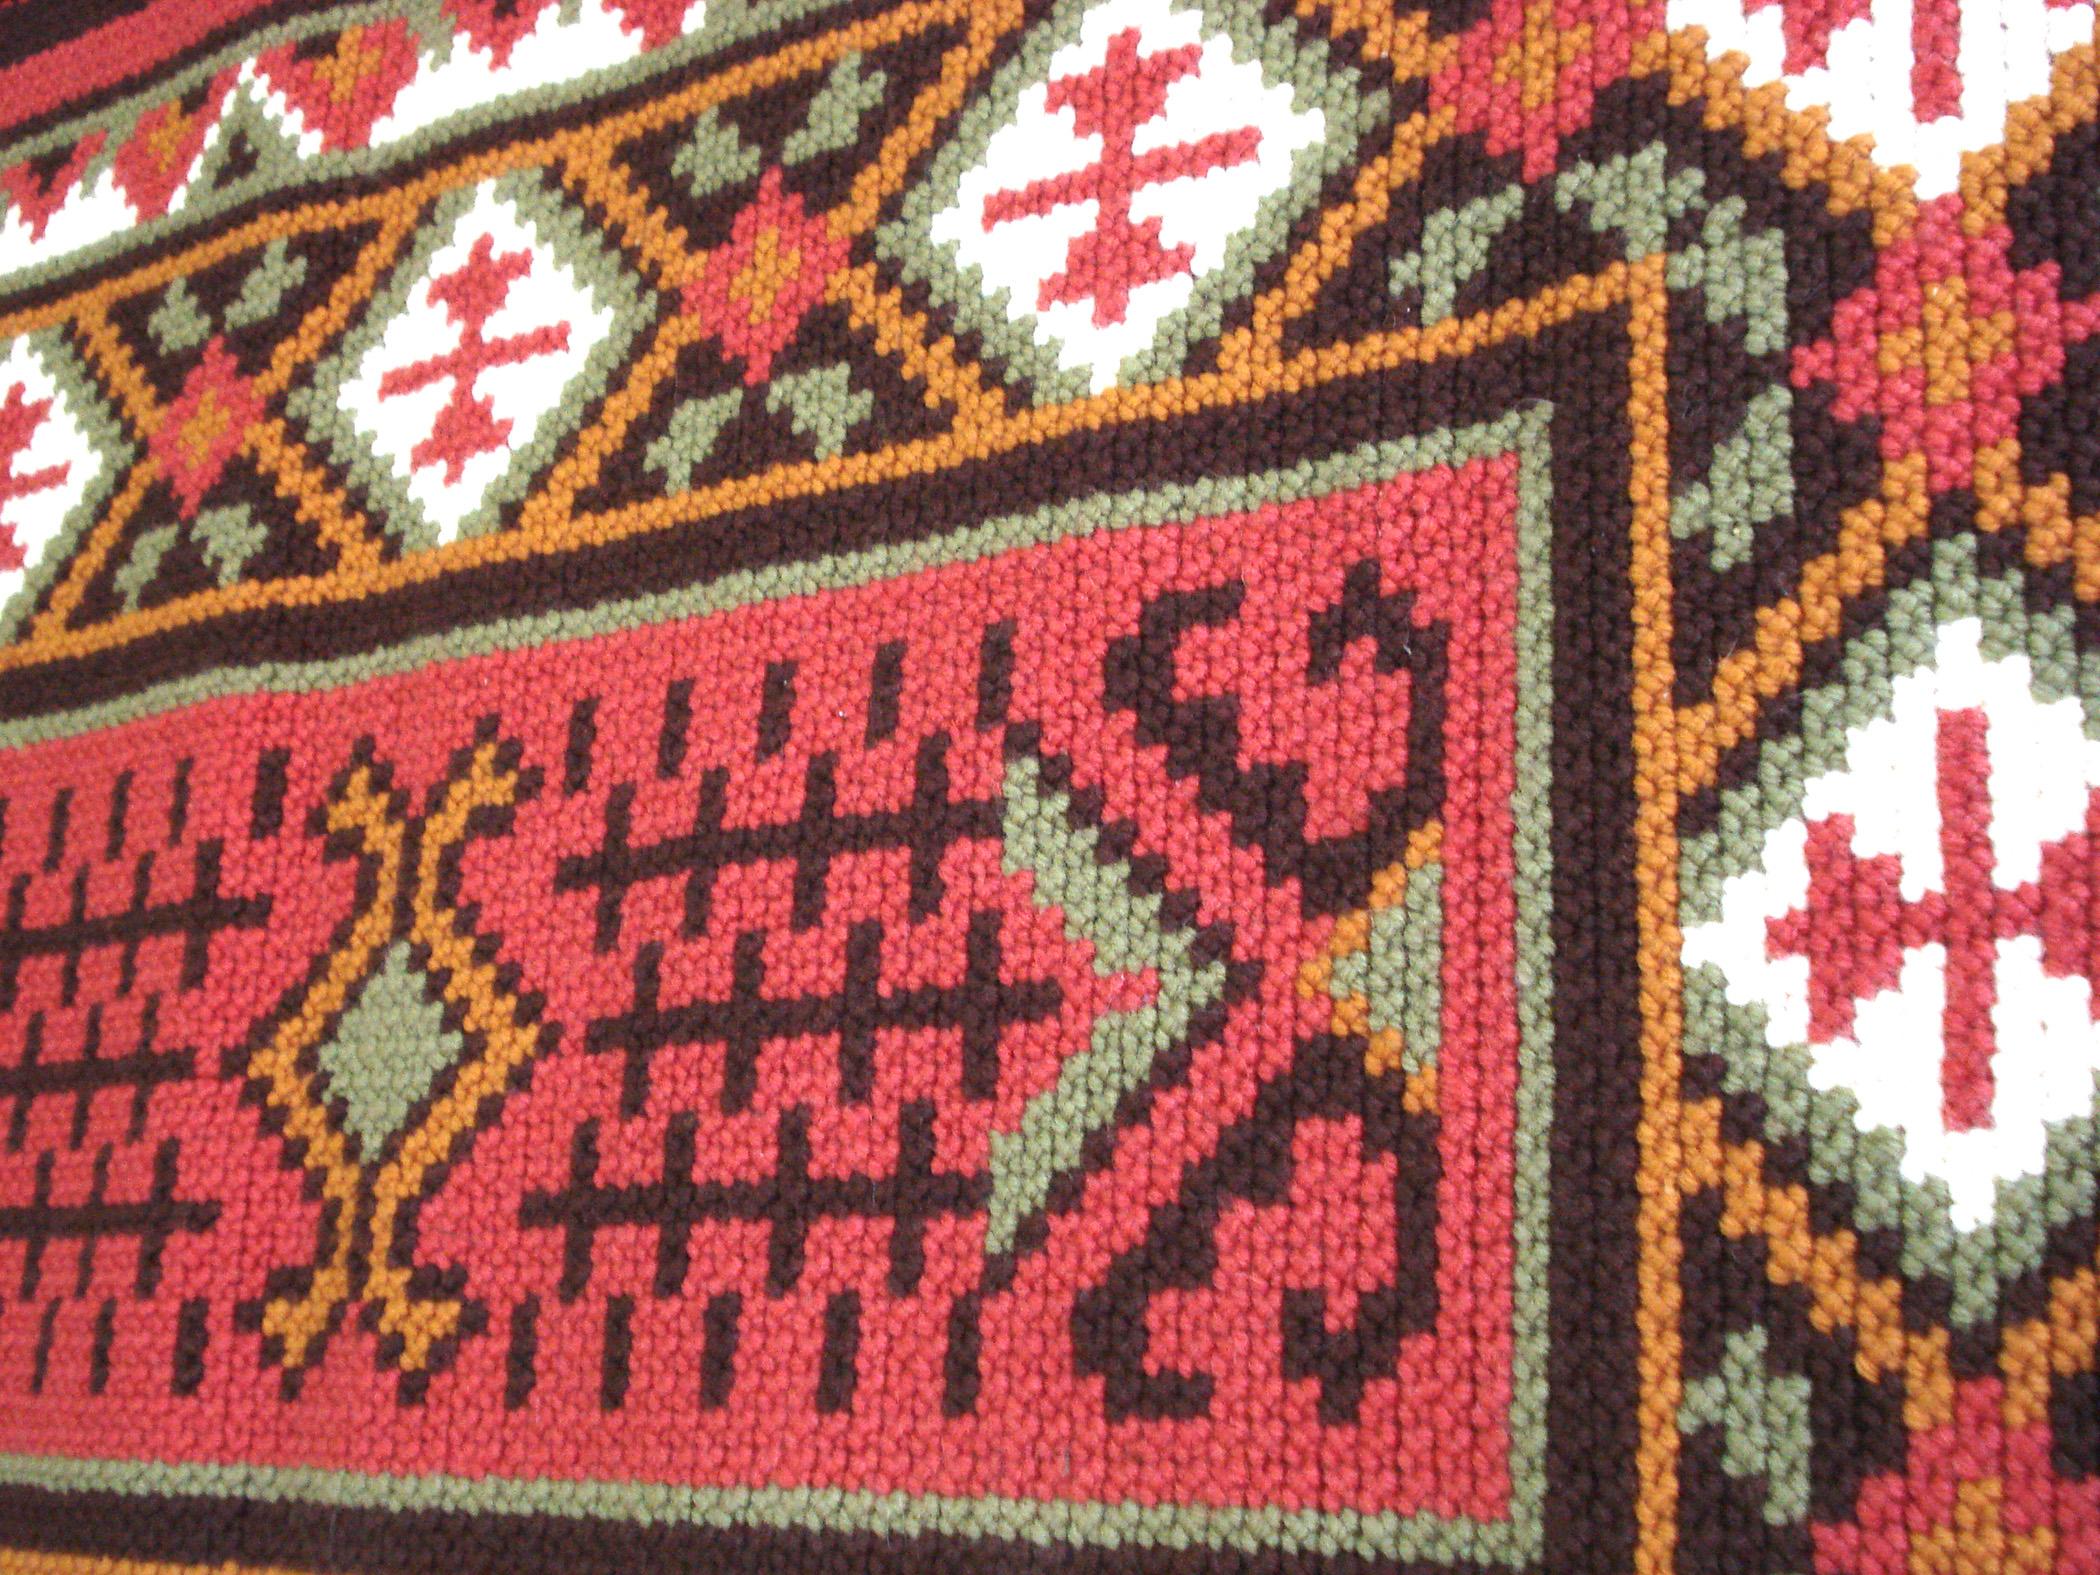 55f82a7d83c1 Tapete bordado a mão com lã em tela ponto brasileirinho